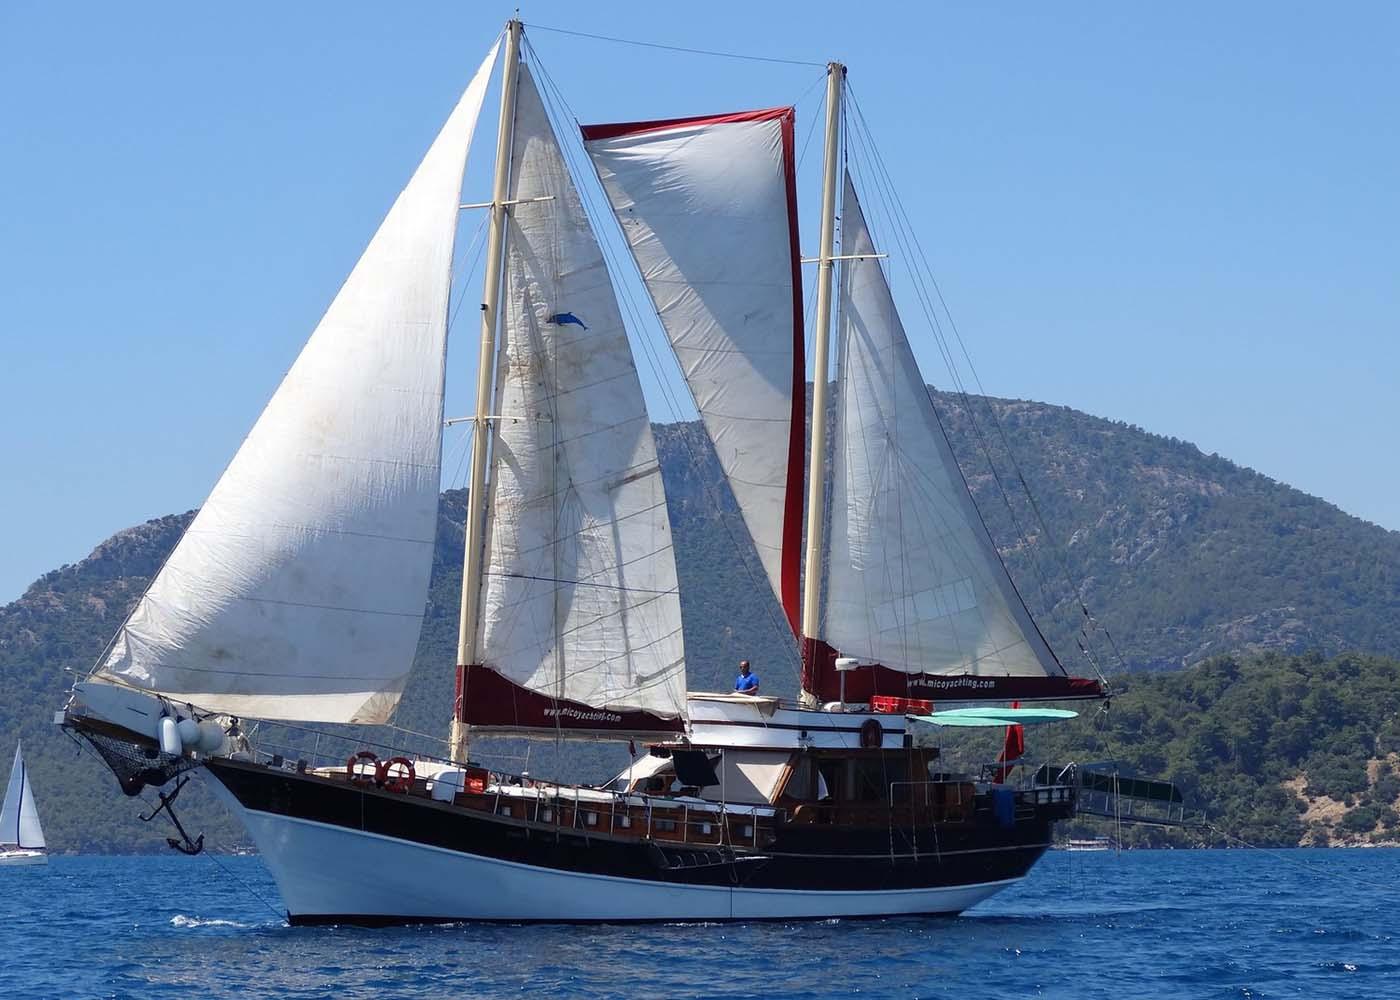 Medsea Aegean